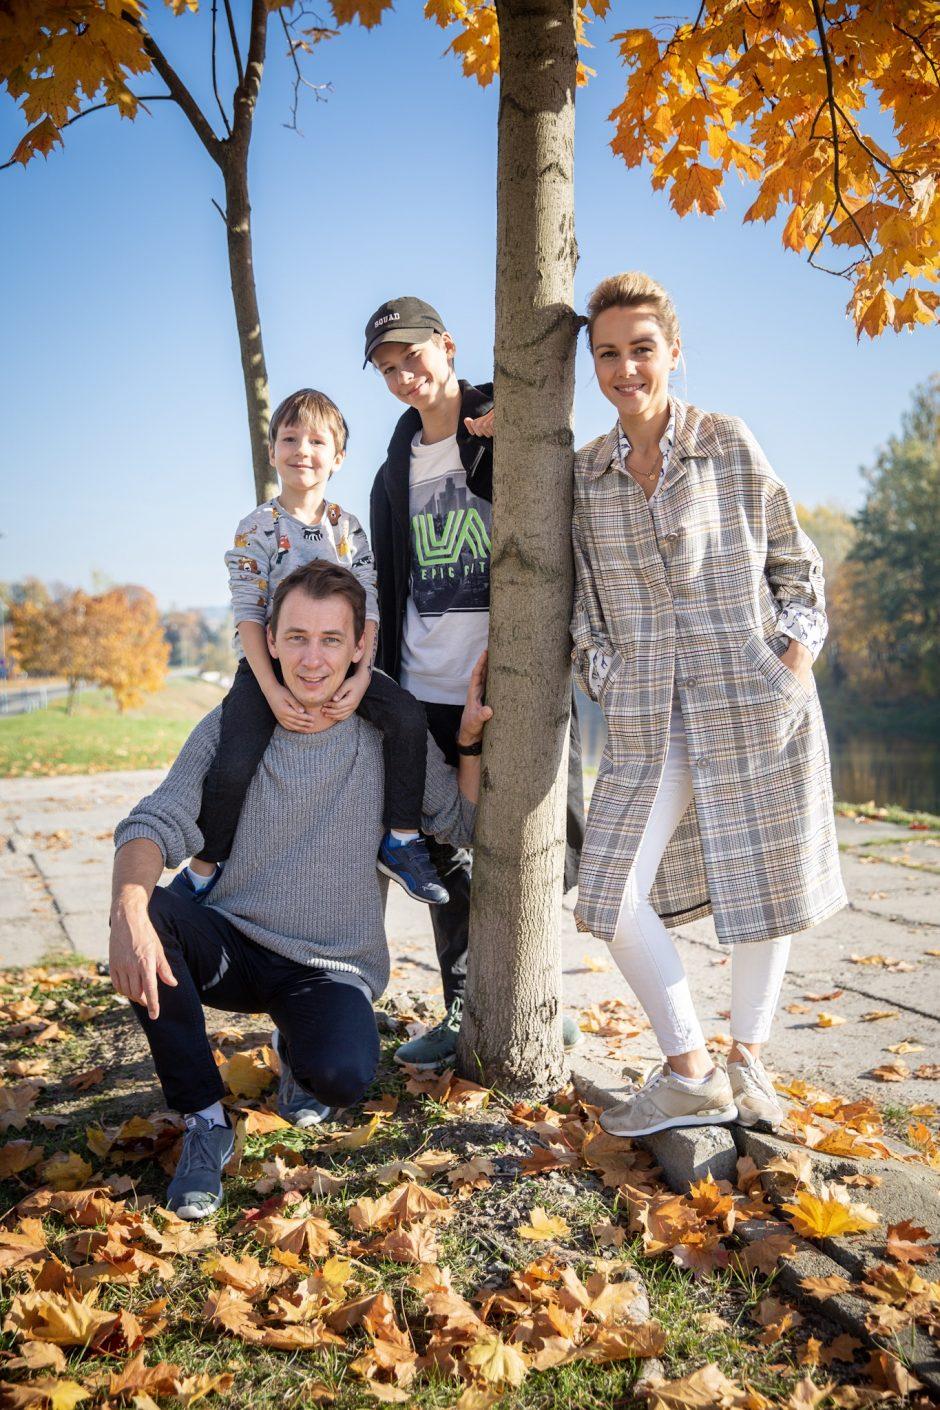 V. Kernagio žmona Rima: vaikams reikia kuo mažiau trukdyti